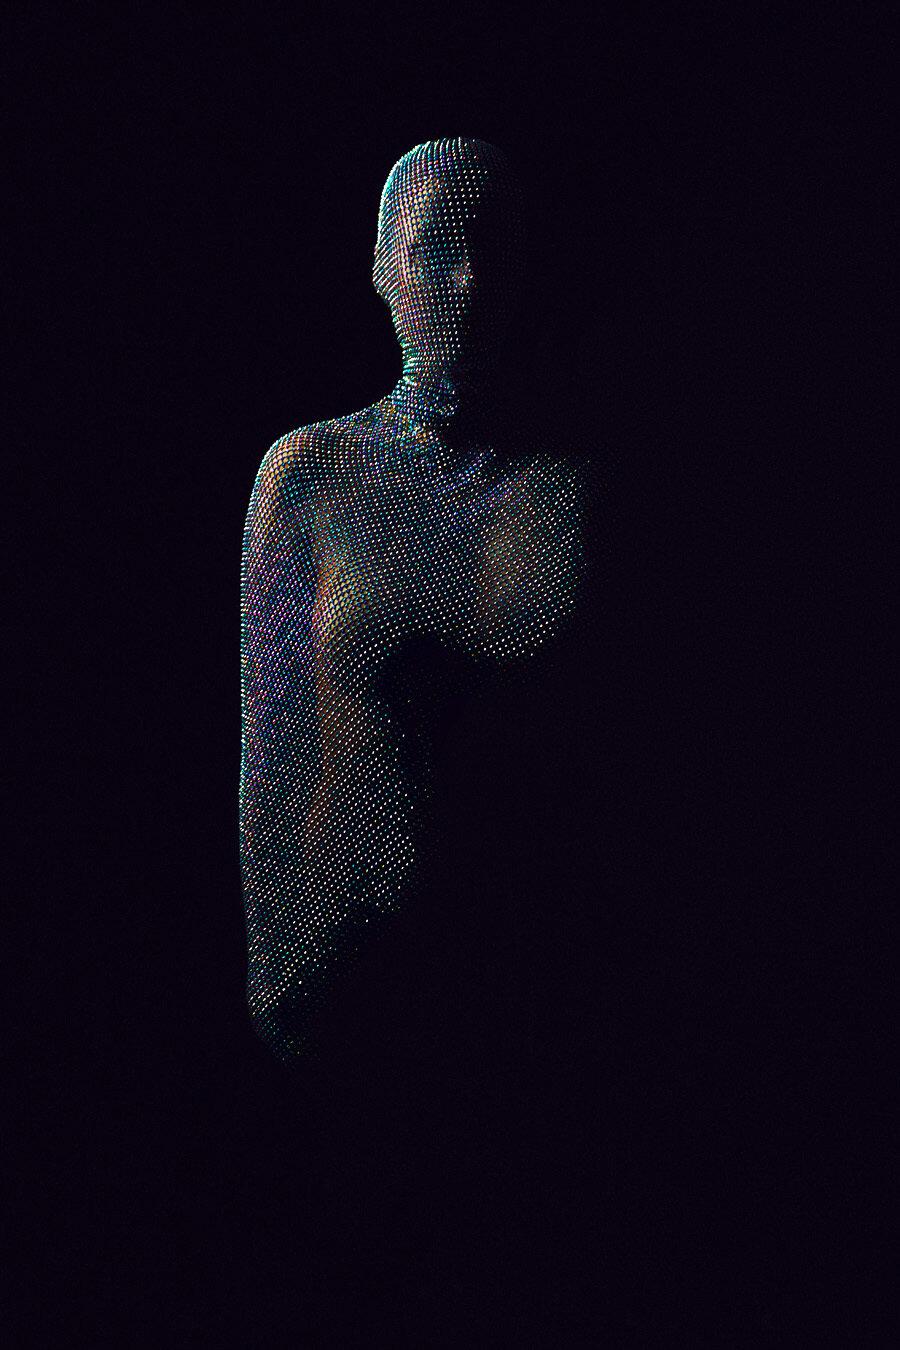 Pixelized